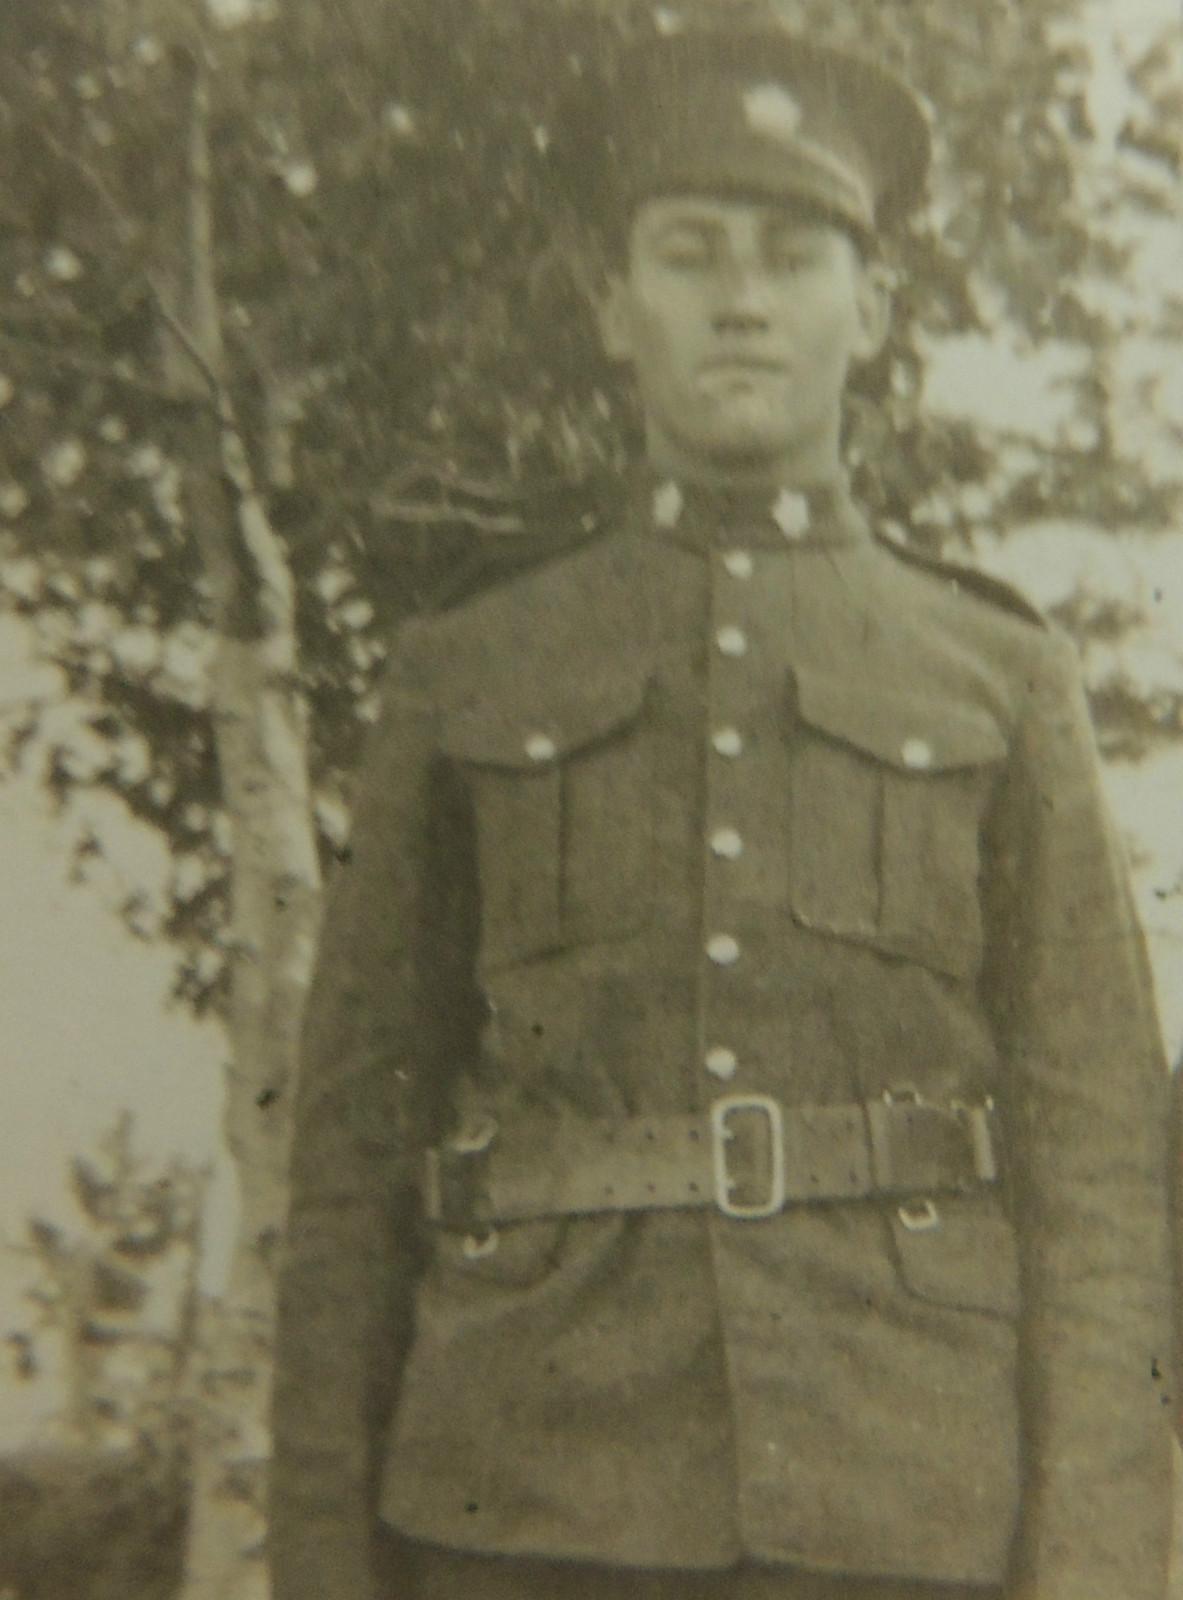 Photo of James Edgar Betler